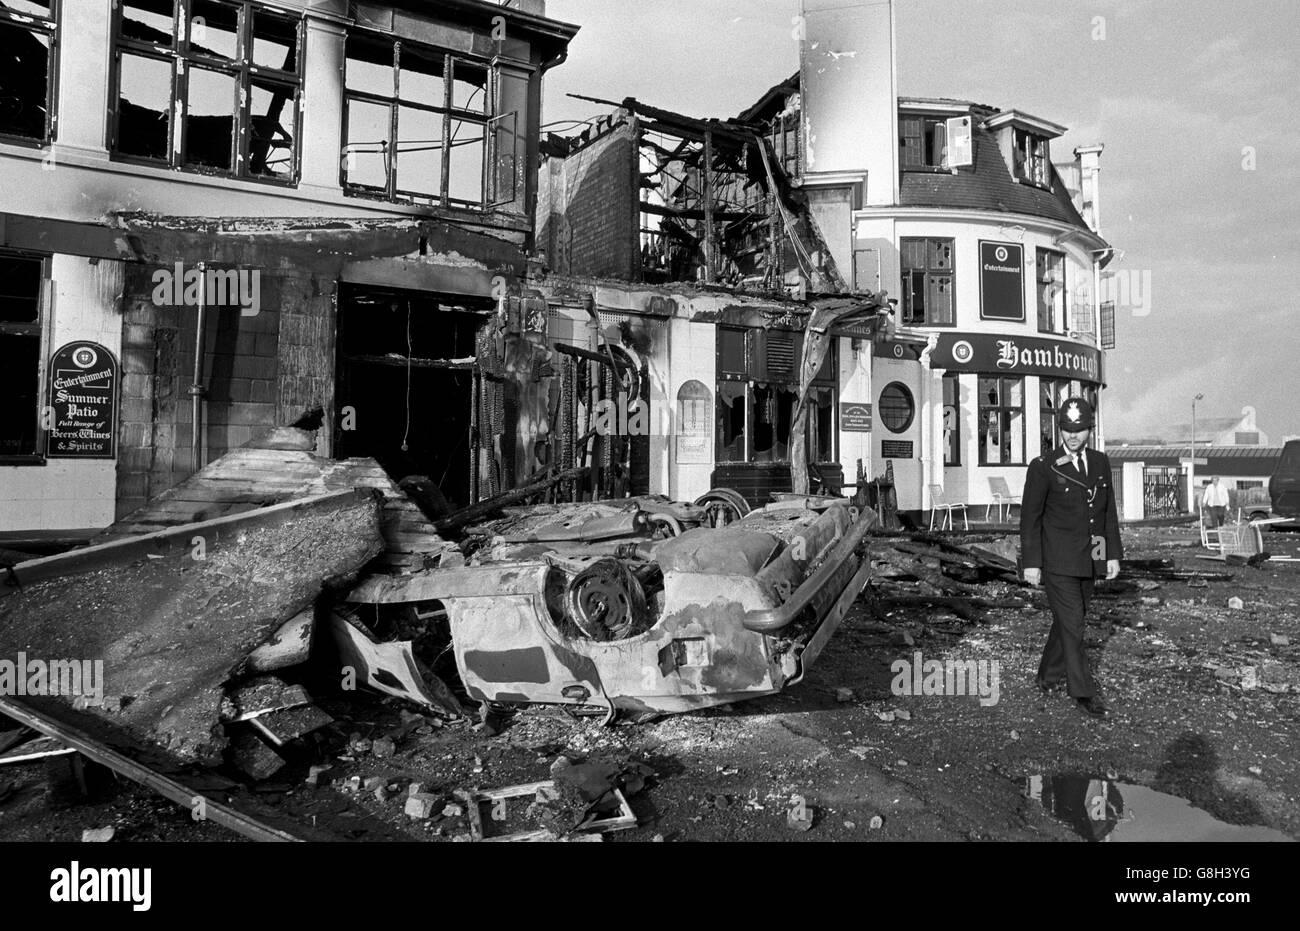 southall-riots-G8H3YG.jpg